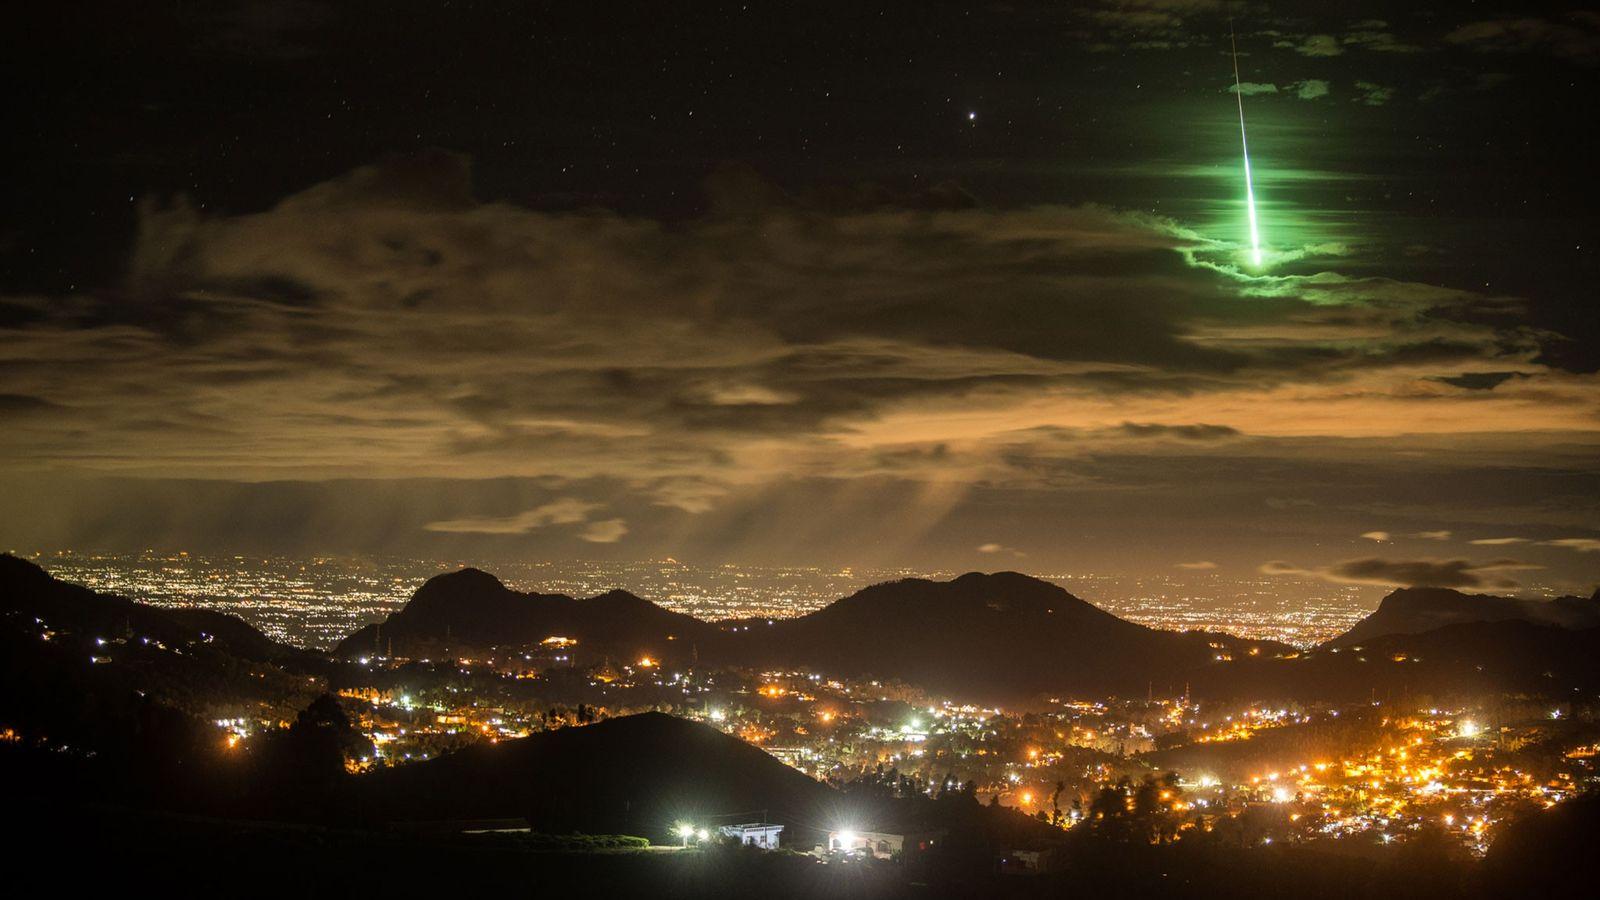 Himmelsinseln bei Nacht